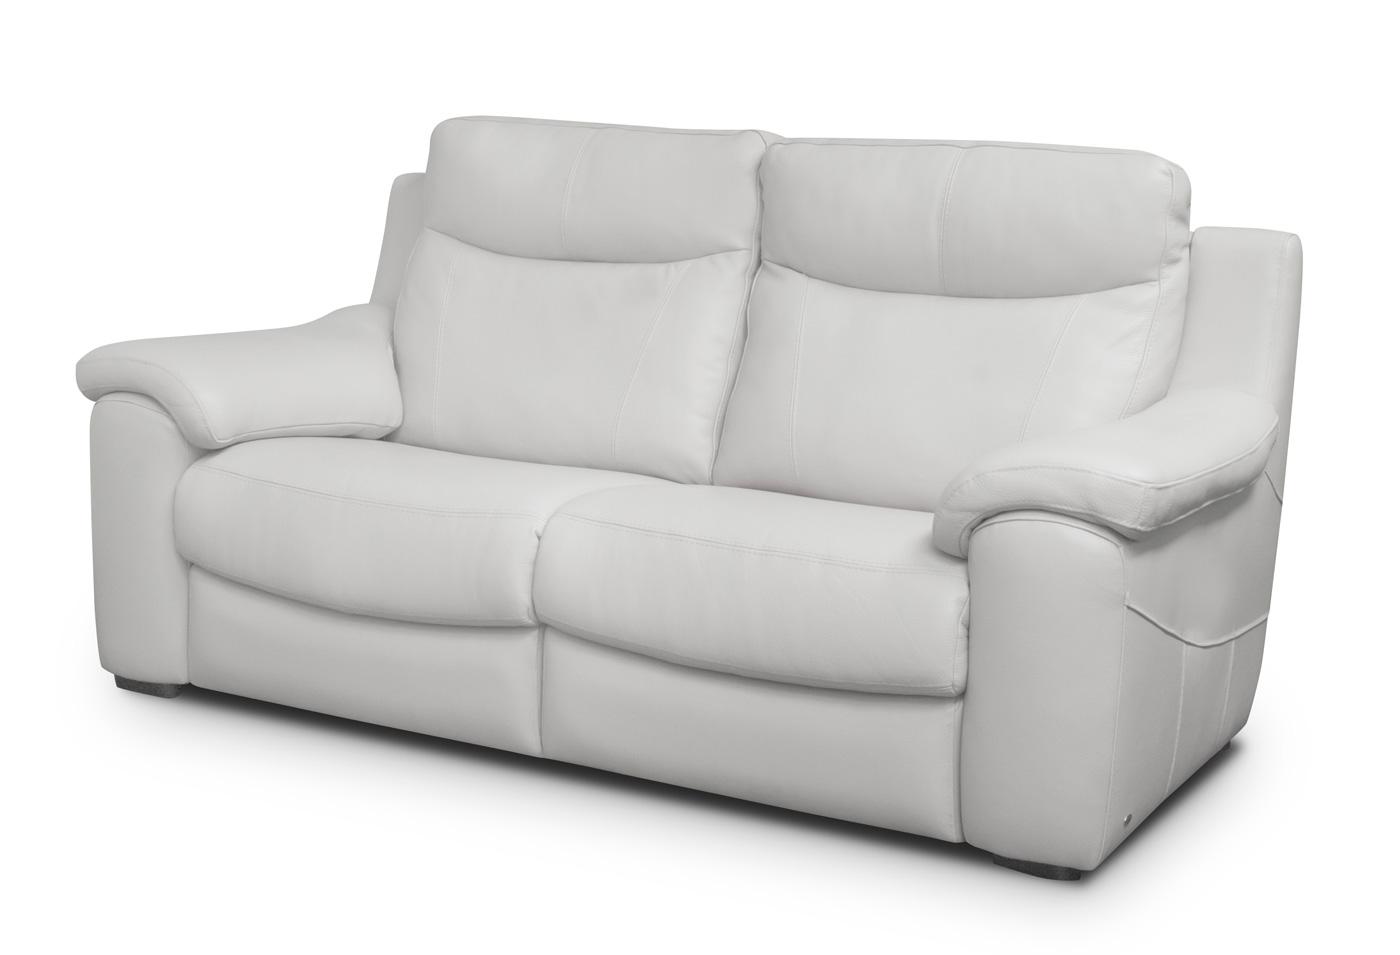 Chaise longue y sof scar muebles arribas for Catalogos de sofas chaise longue